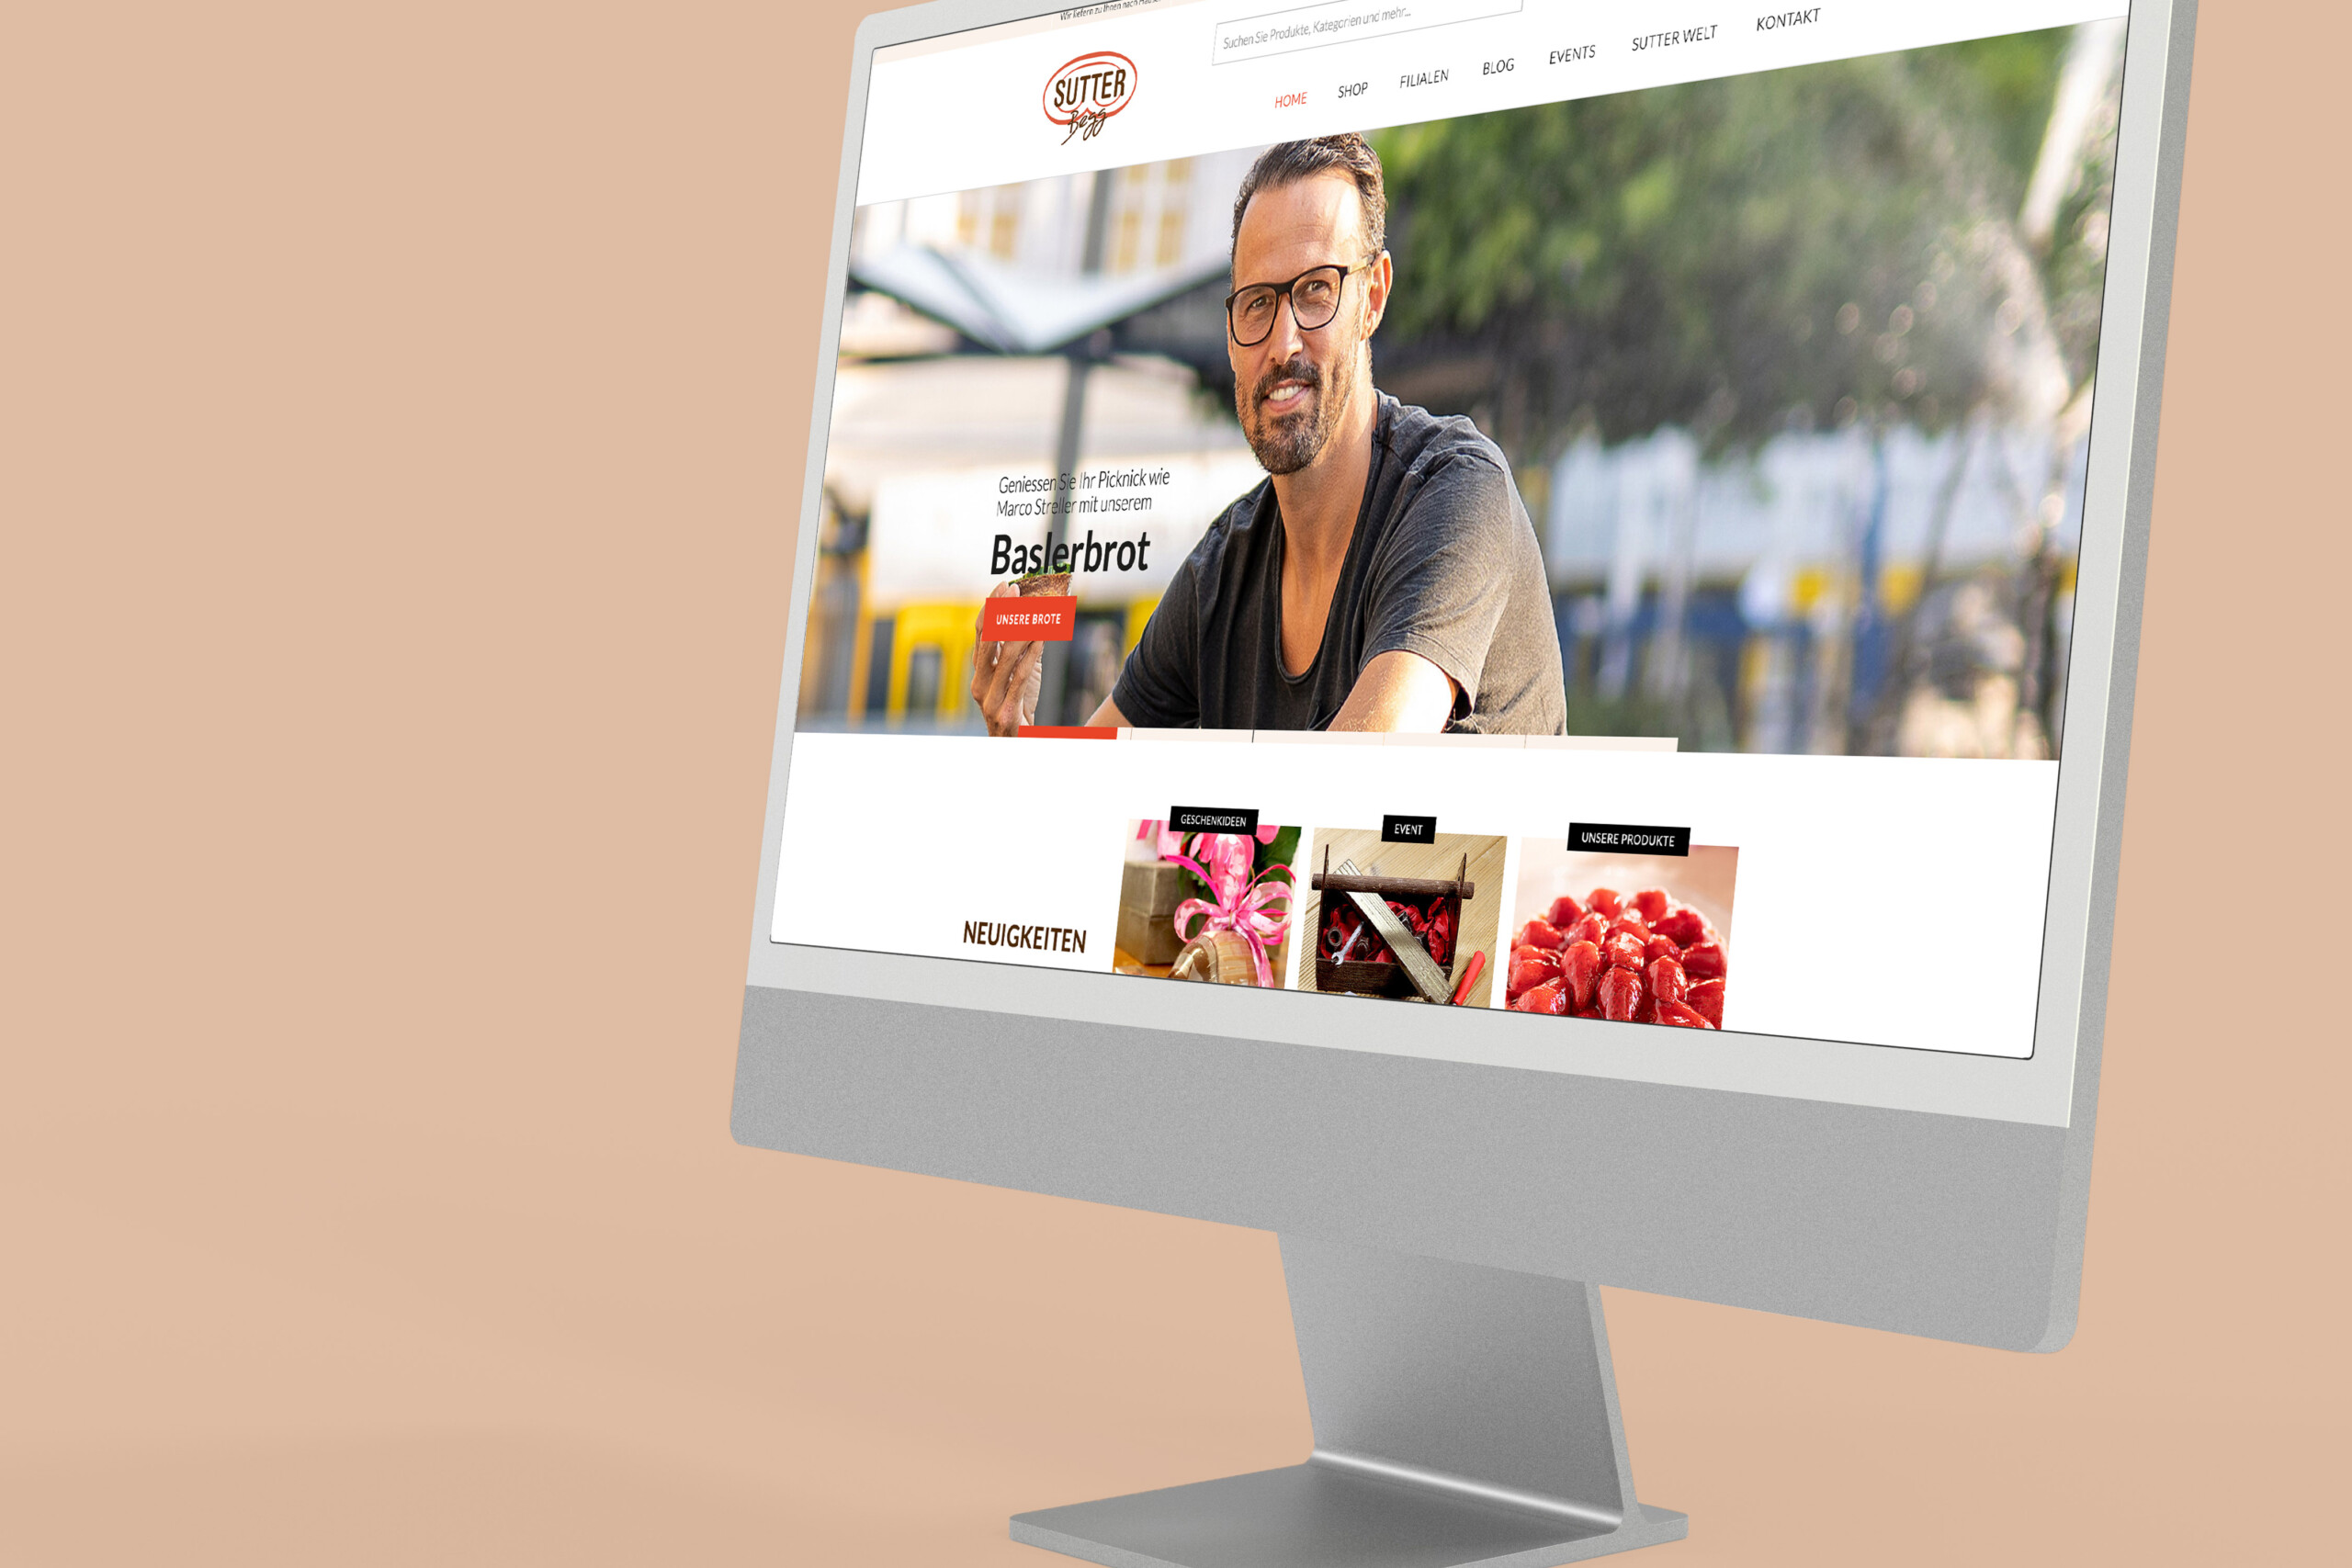 Mock Up Sutter Begg Wesebite by doyou - we do marketing basel